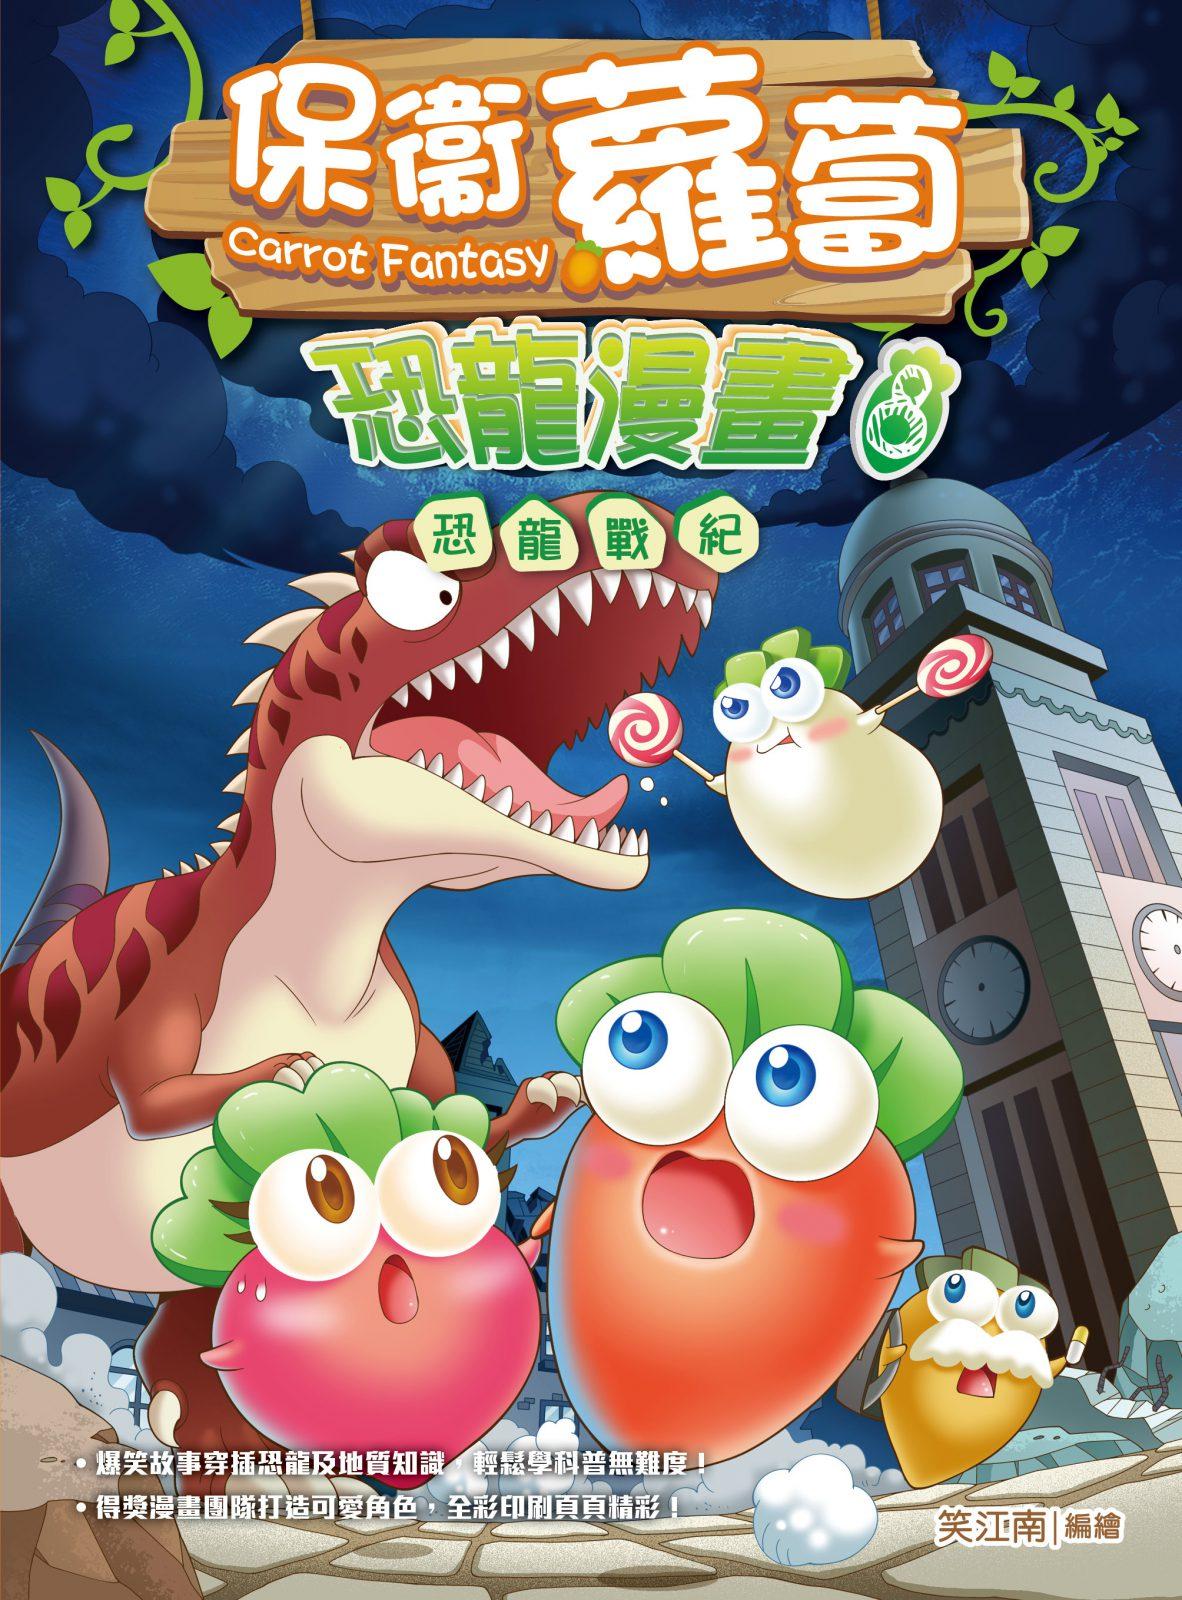 保衞蘿蔔 恐龍漫畫8恐龍戰紀